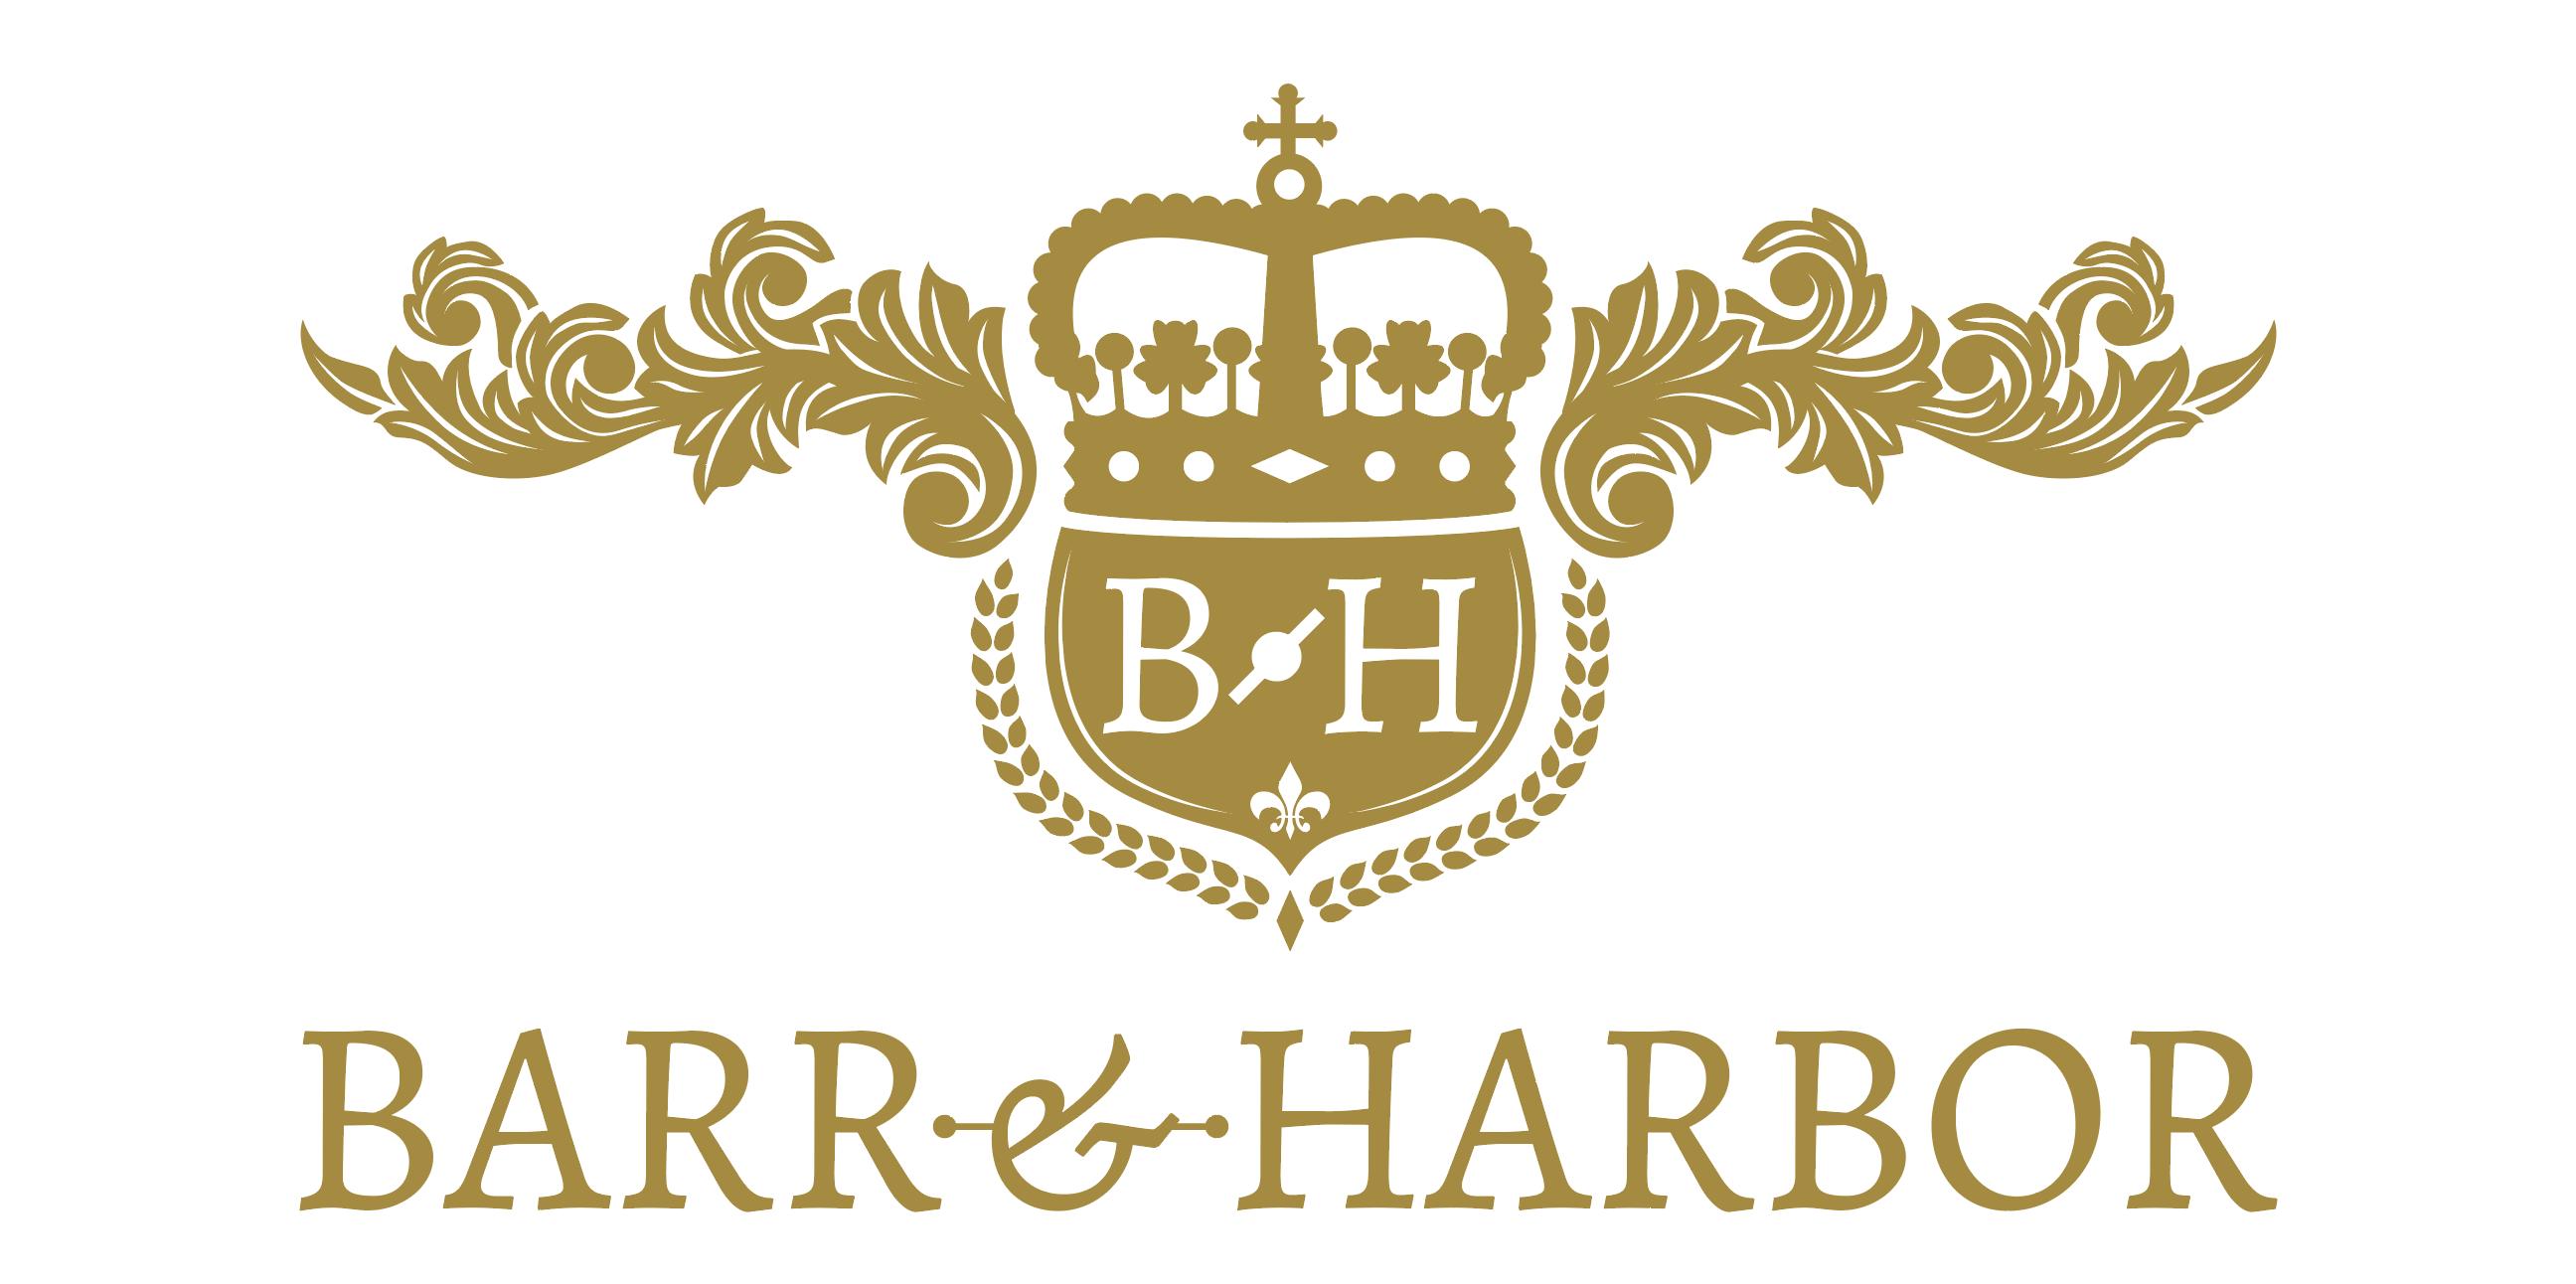 Barr & Harbor